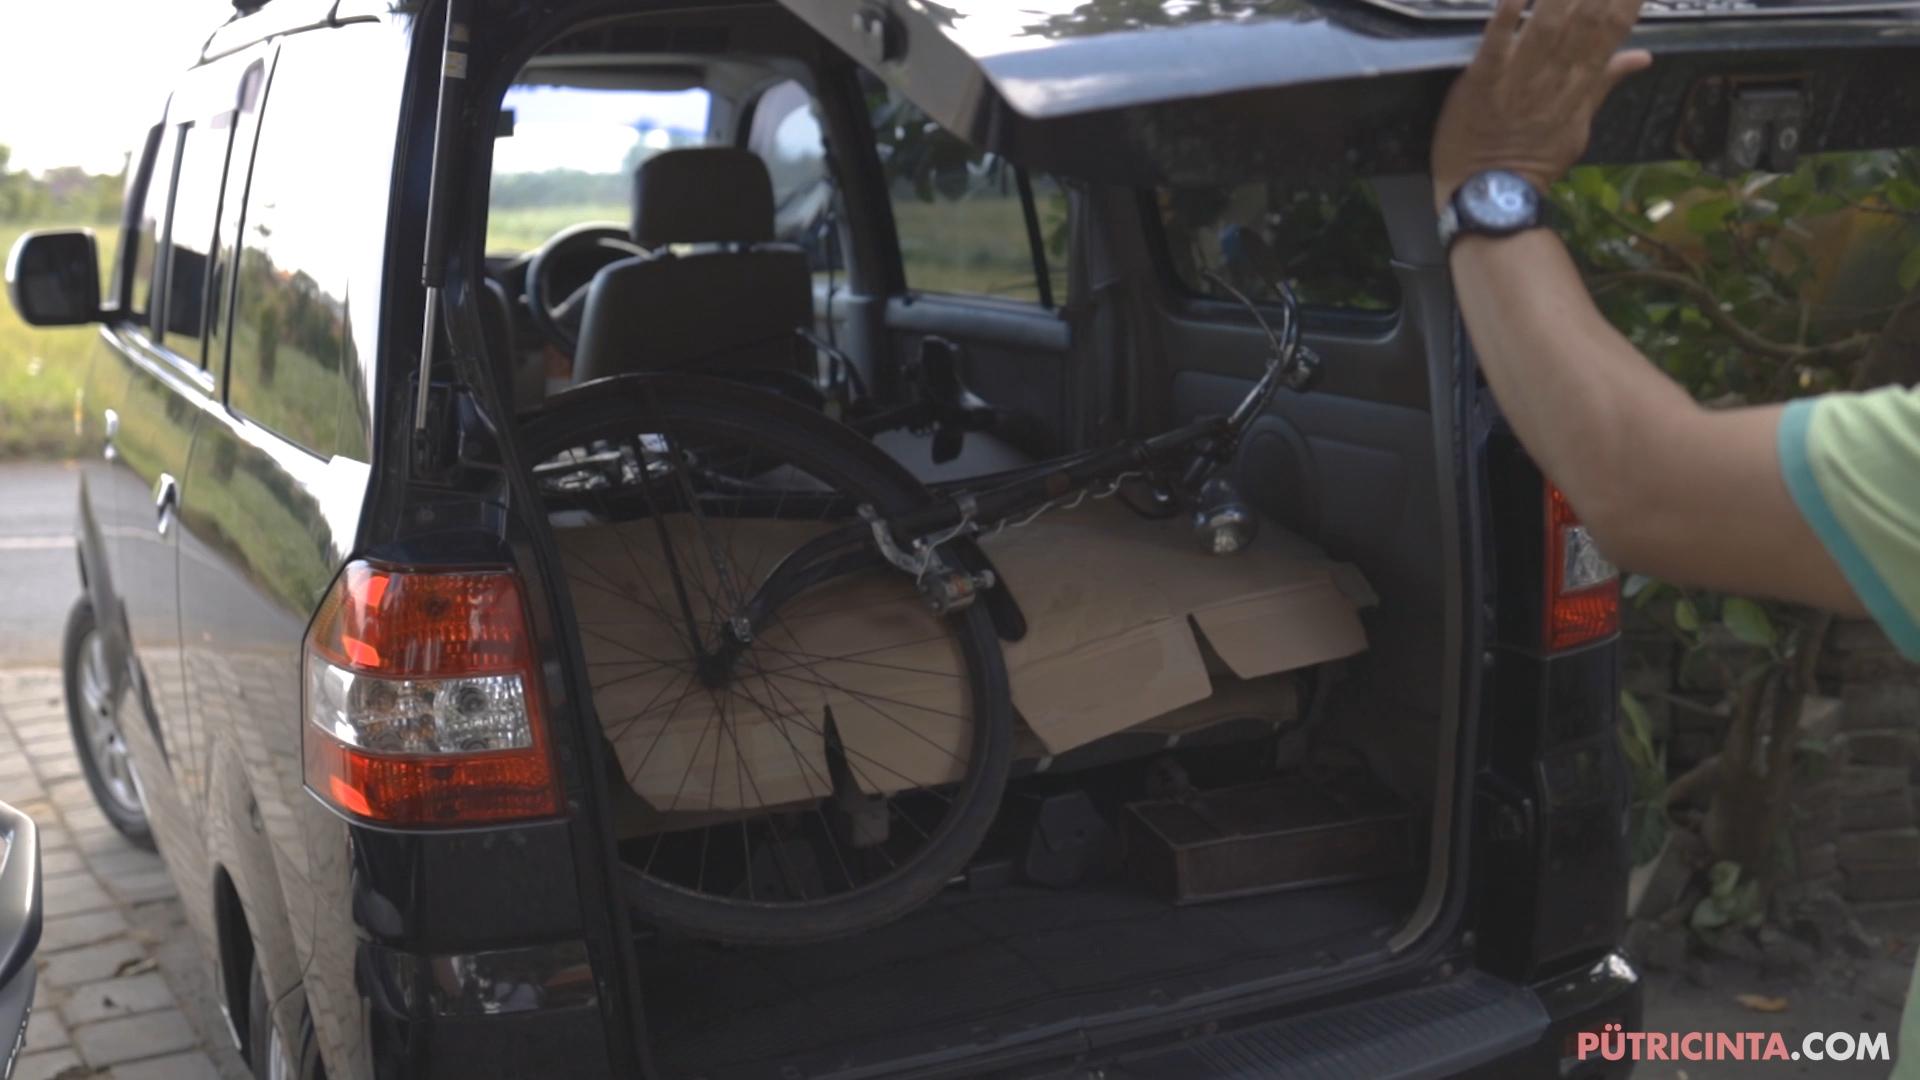 024-cyclingcommando-Putri-Cinta-BTS-stills-10.jpg